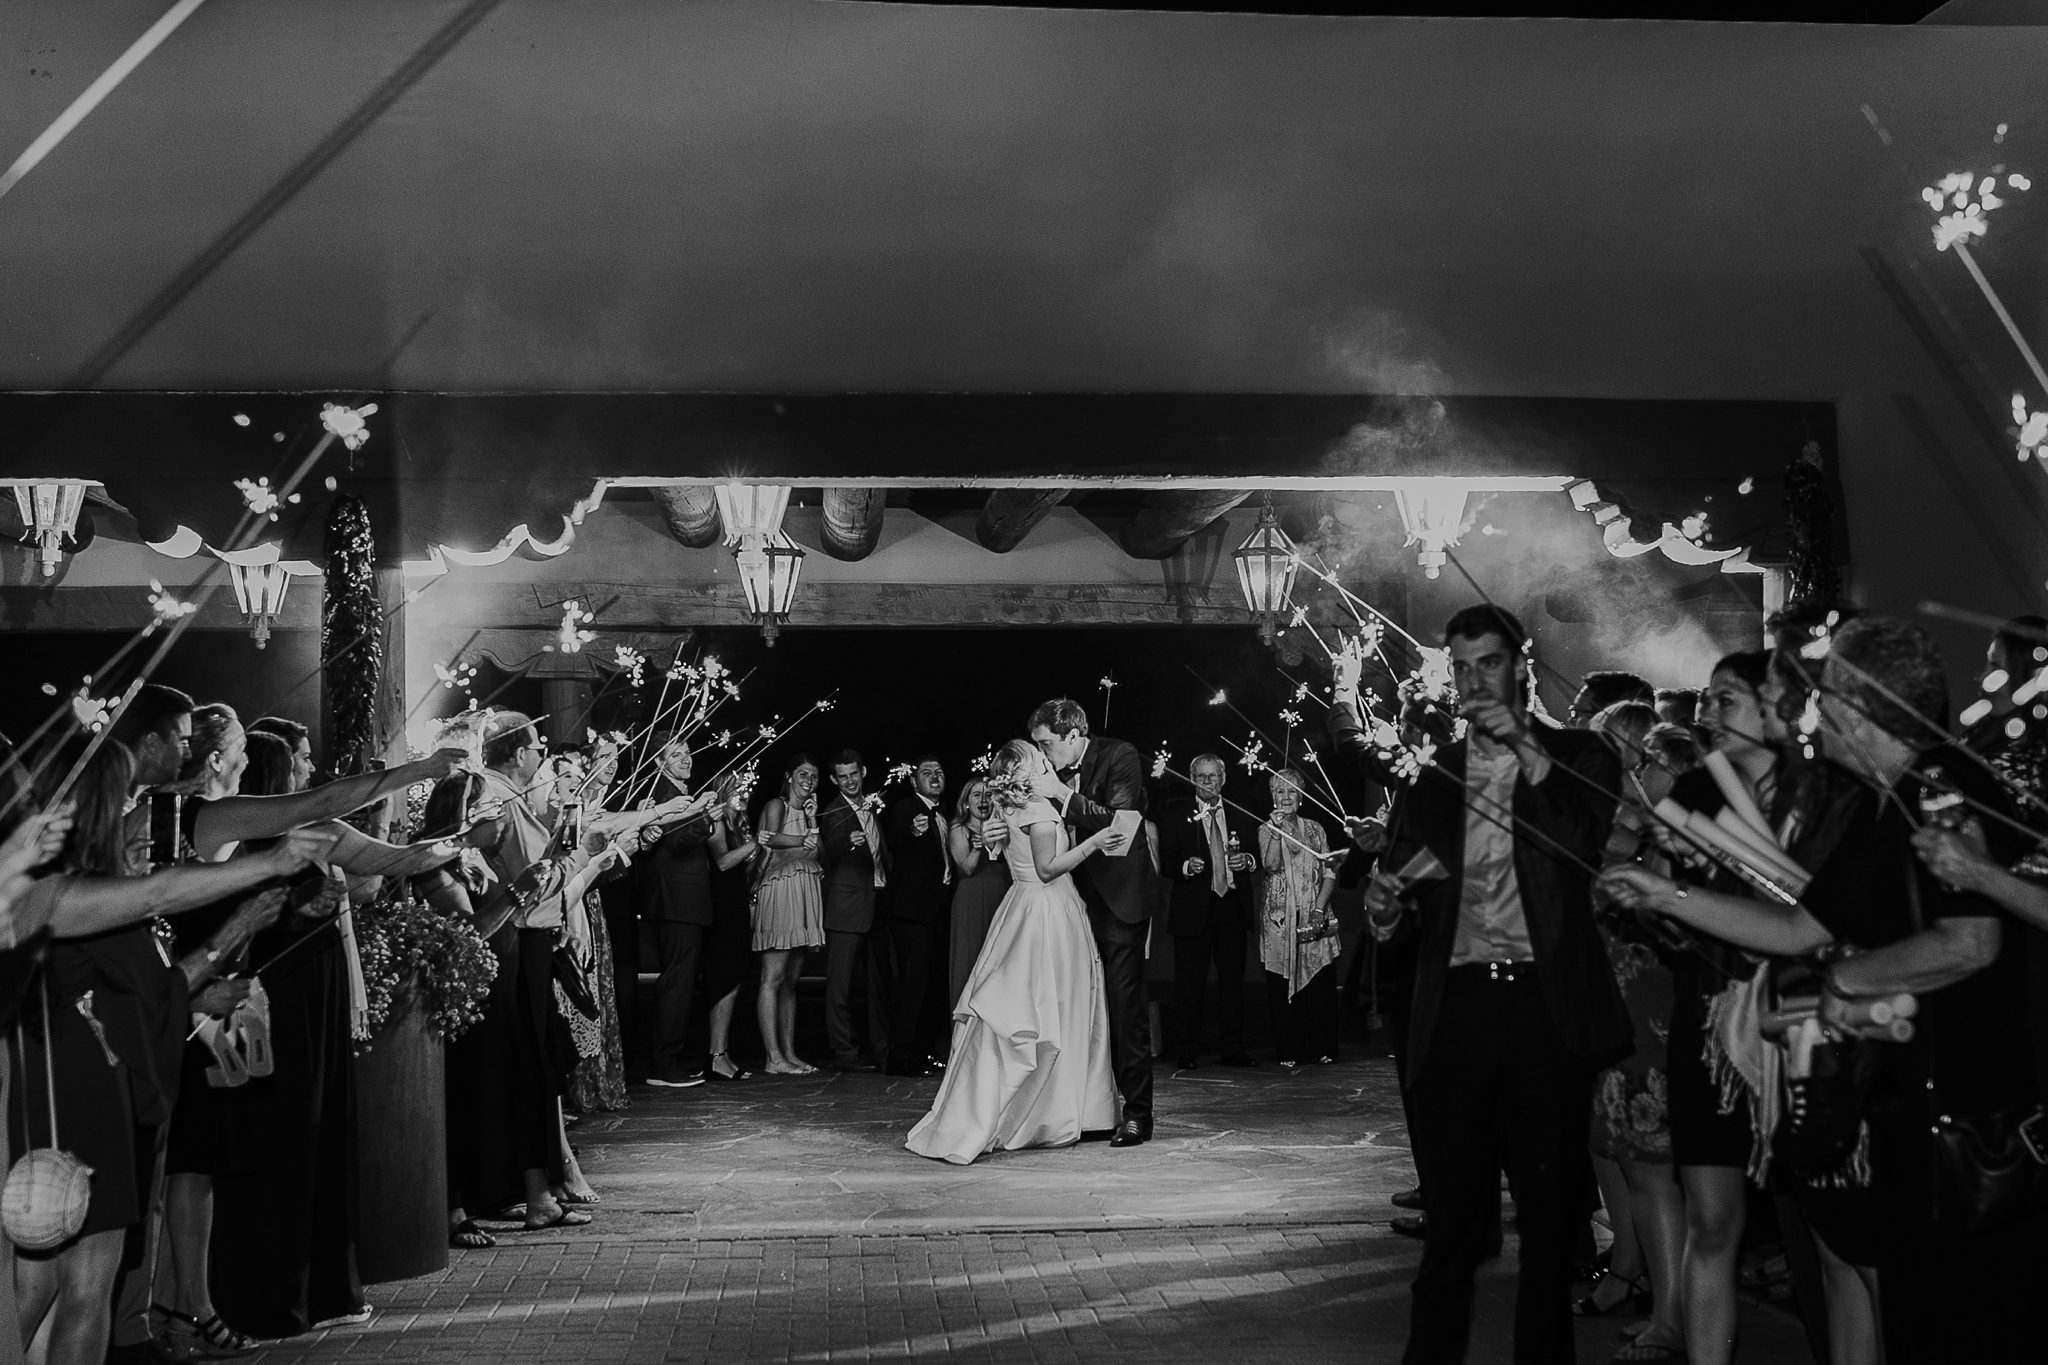 Alicia+lucia+photography+-+albuquerque+wedding+photographer+-+santa+fe+wedding+photography+-+new+mexico+wedding+photographer+-+new+mexico+wedding+-+las+campanas+wedding+-+santa+fe+wedding+-+maximalist+wedding+-+destination+wedding_0164.jpg